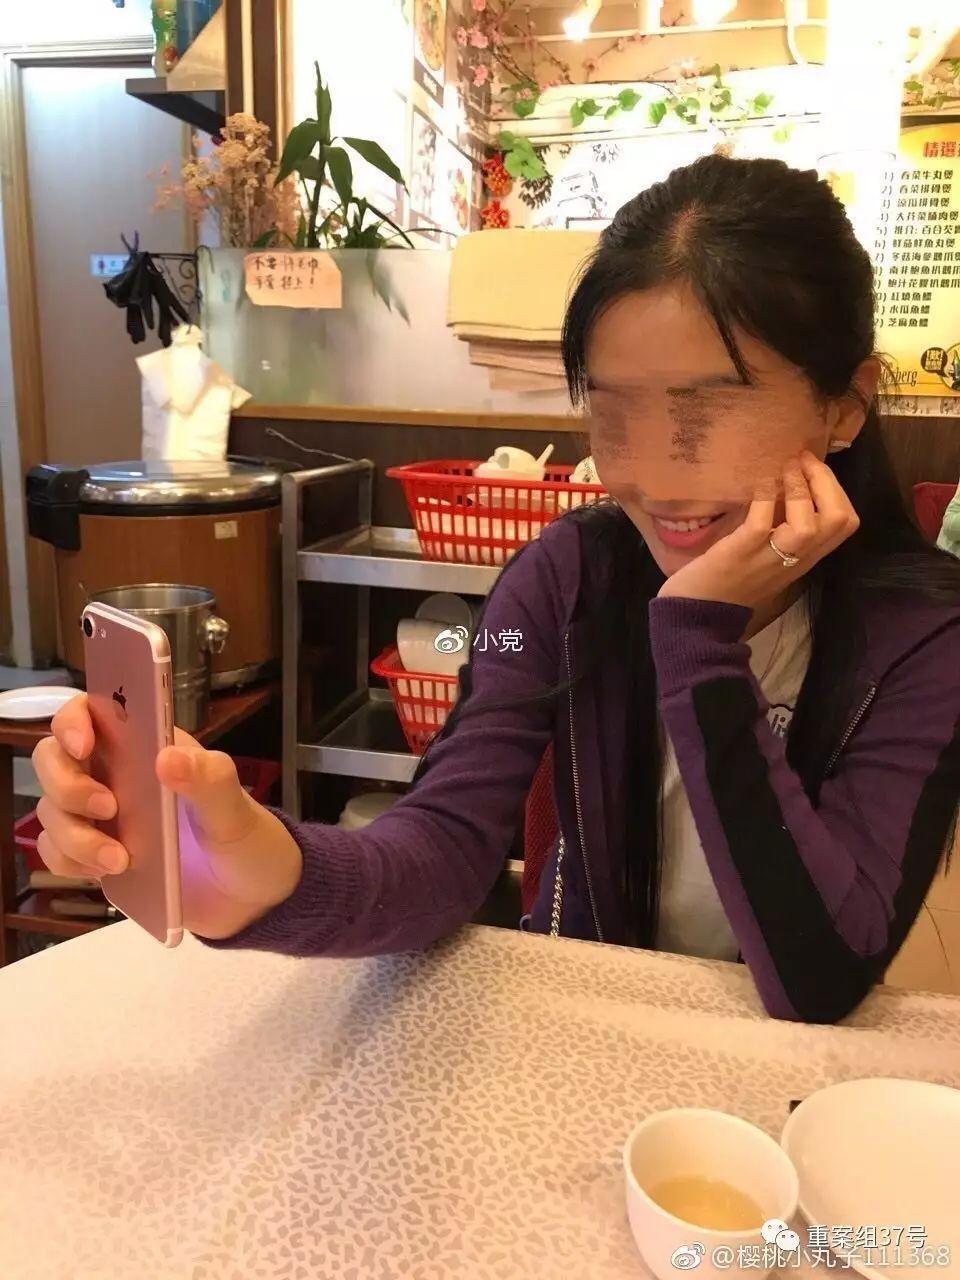 ▲与翟某相识68天后,苏享茂领了结婚证。